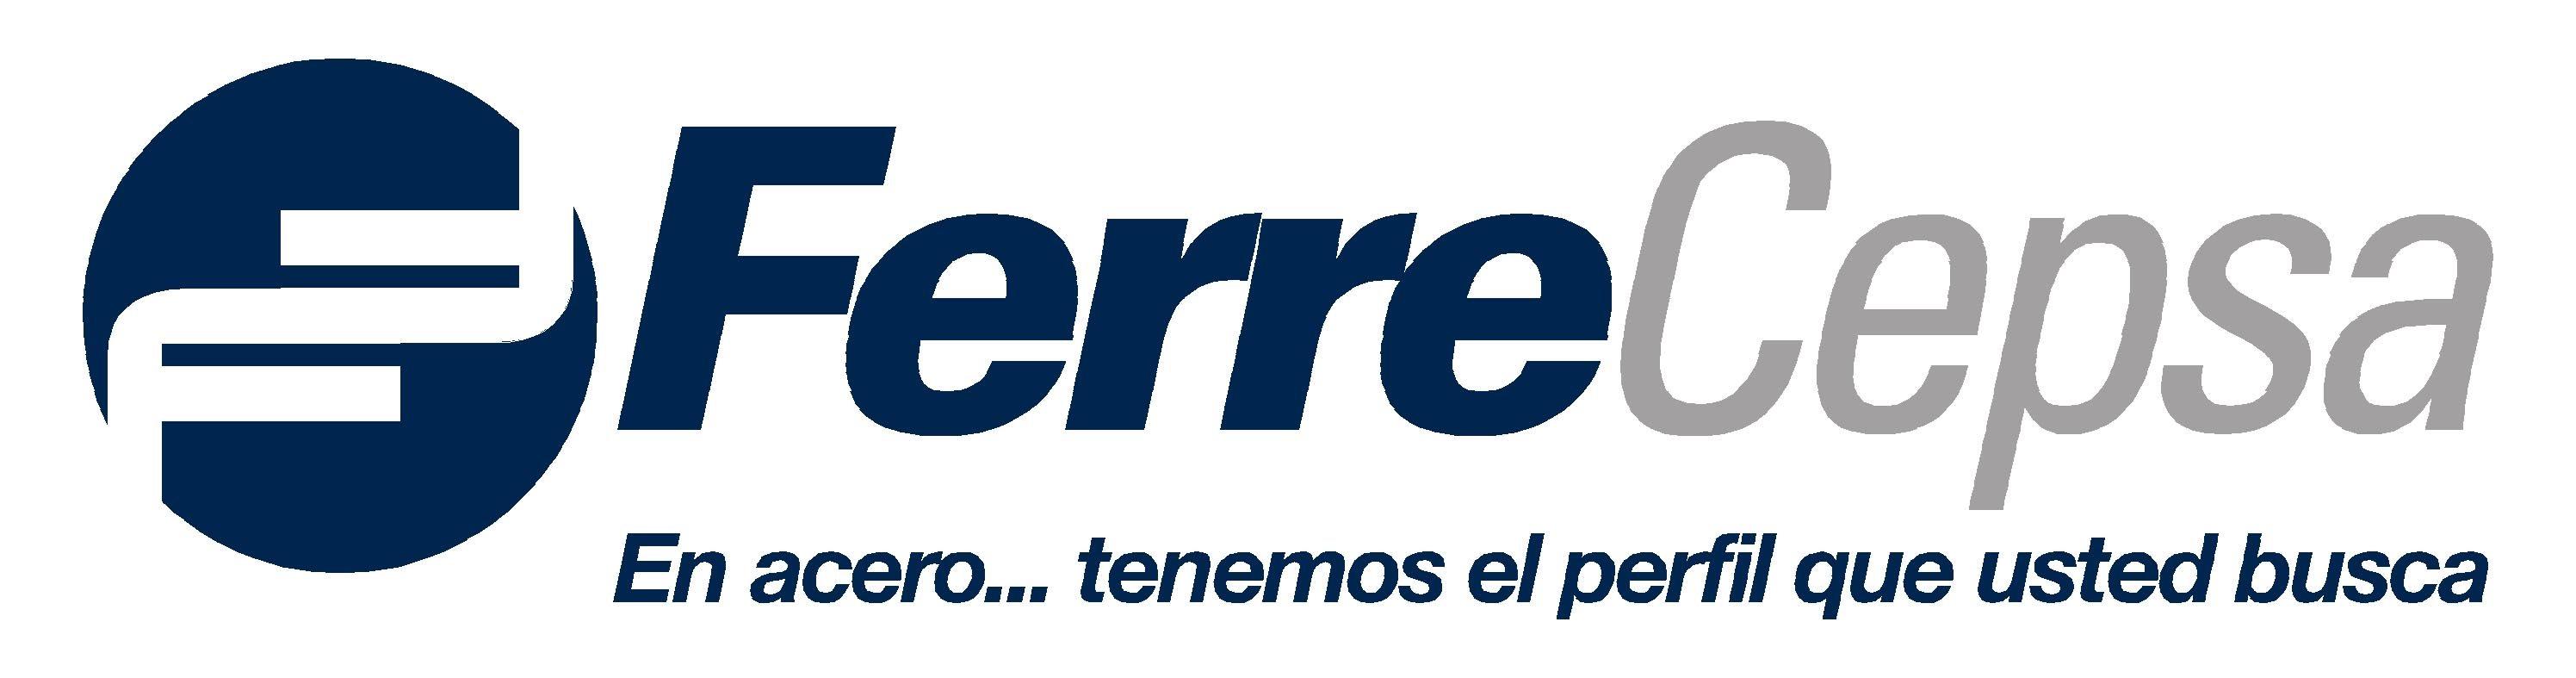 Ferrecepsa